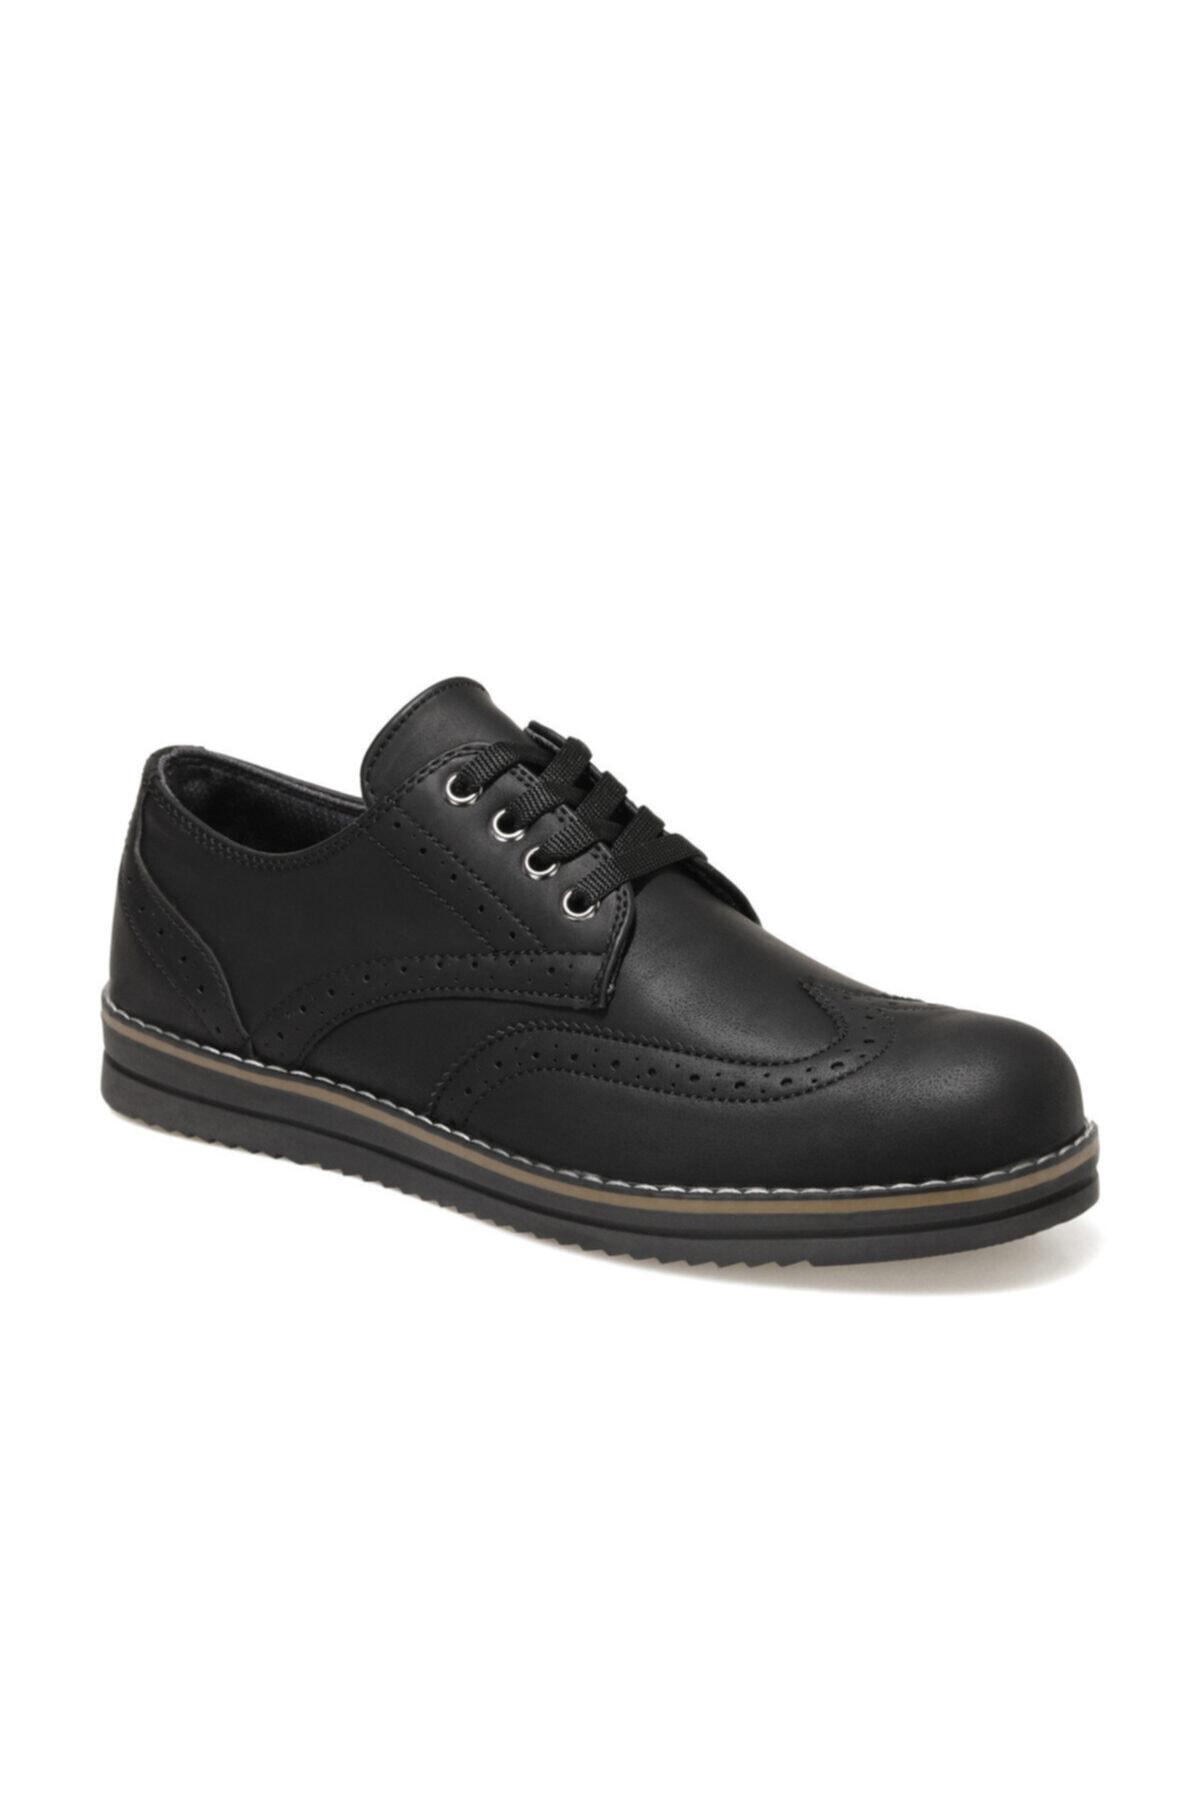 353617.M1FX Siyah Erkek Günlük Ayakkabı 100787653